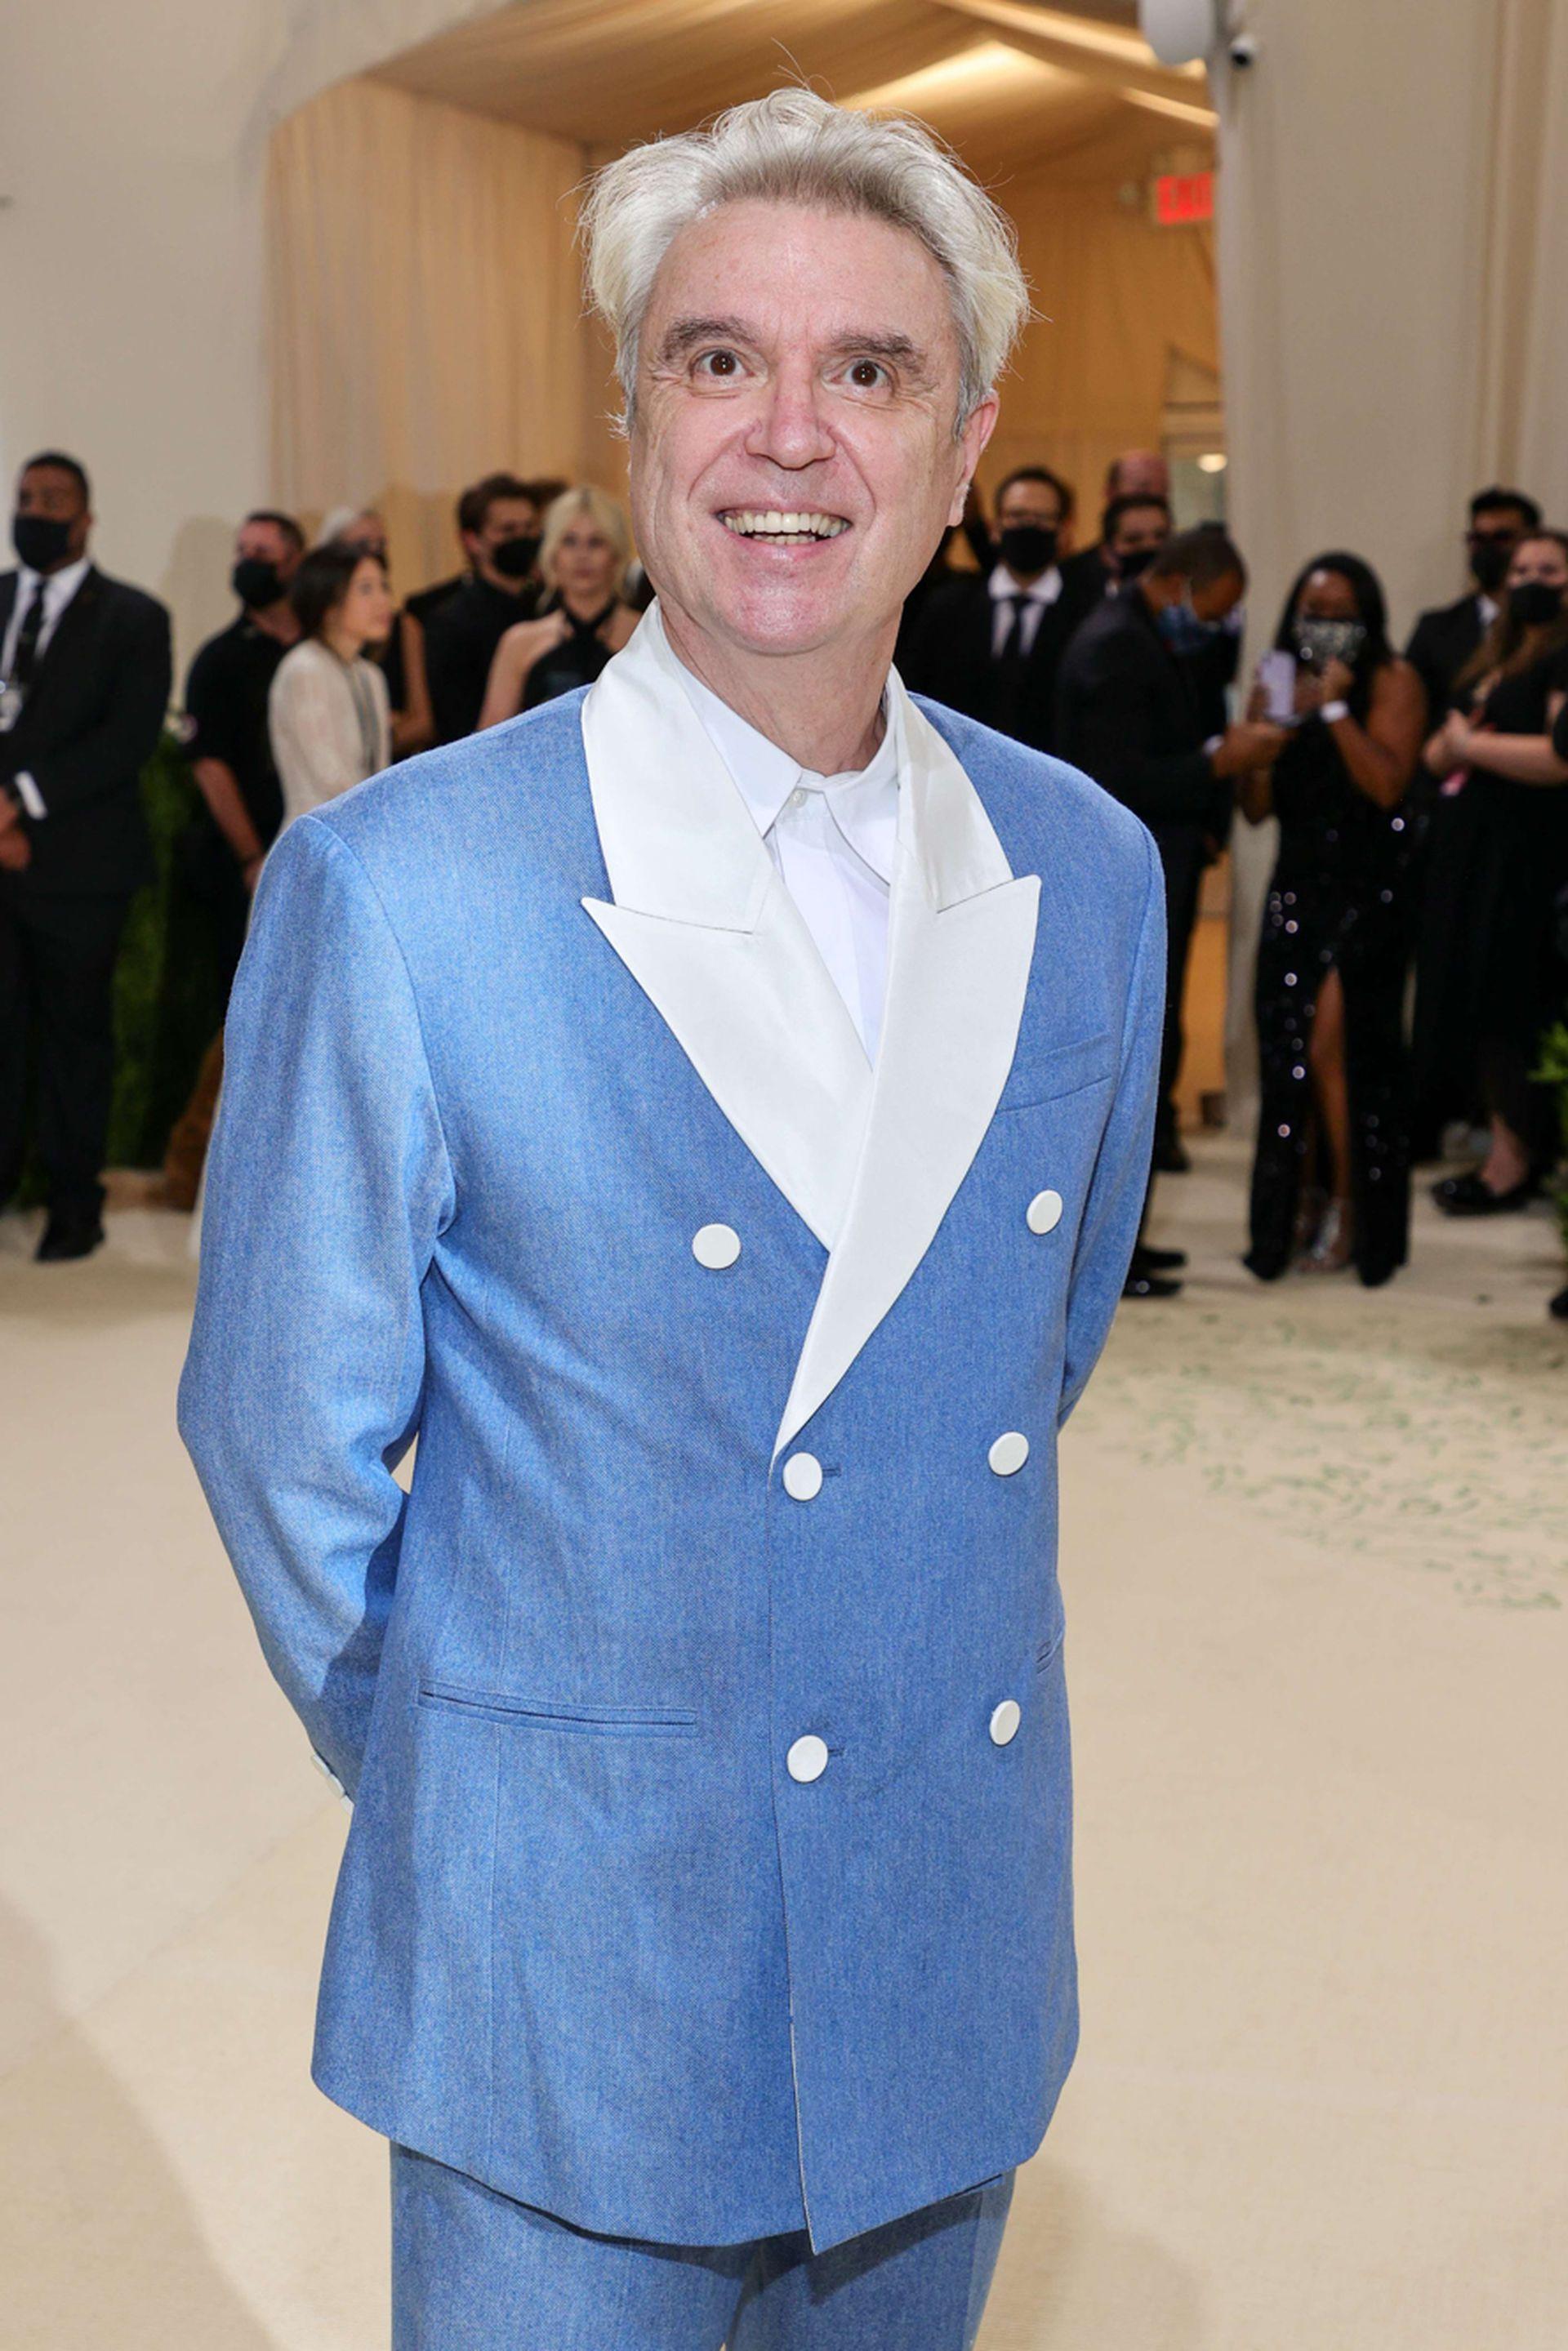 El cantante David Byrne, otro asiduo asistente a las clásicas galas del Met